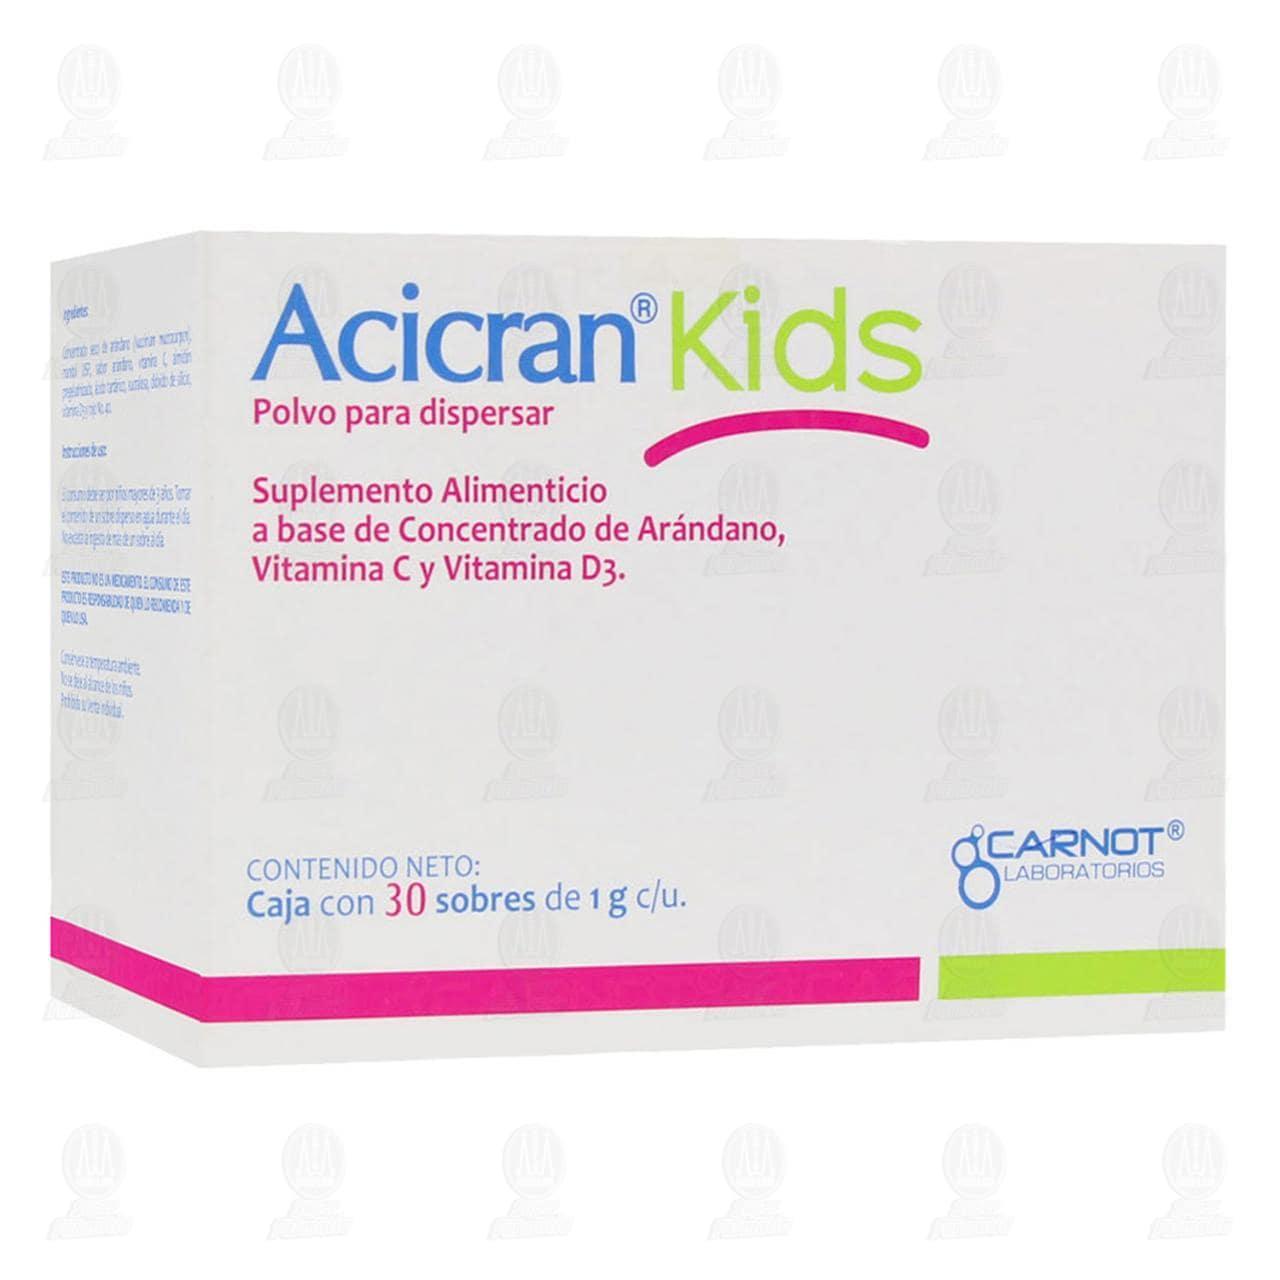 Comprar Suplemento Alimenticio Acicran Kids en Polvo, 30 Sobres de 1gr c/u. en Farmacias Guadalajara